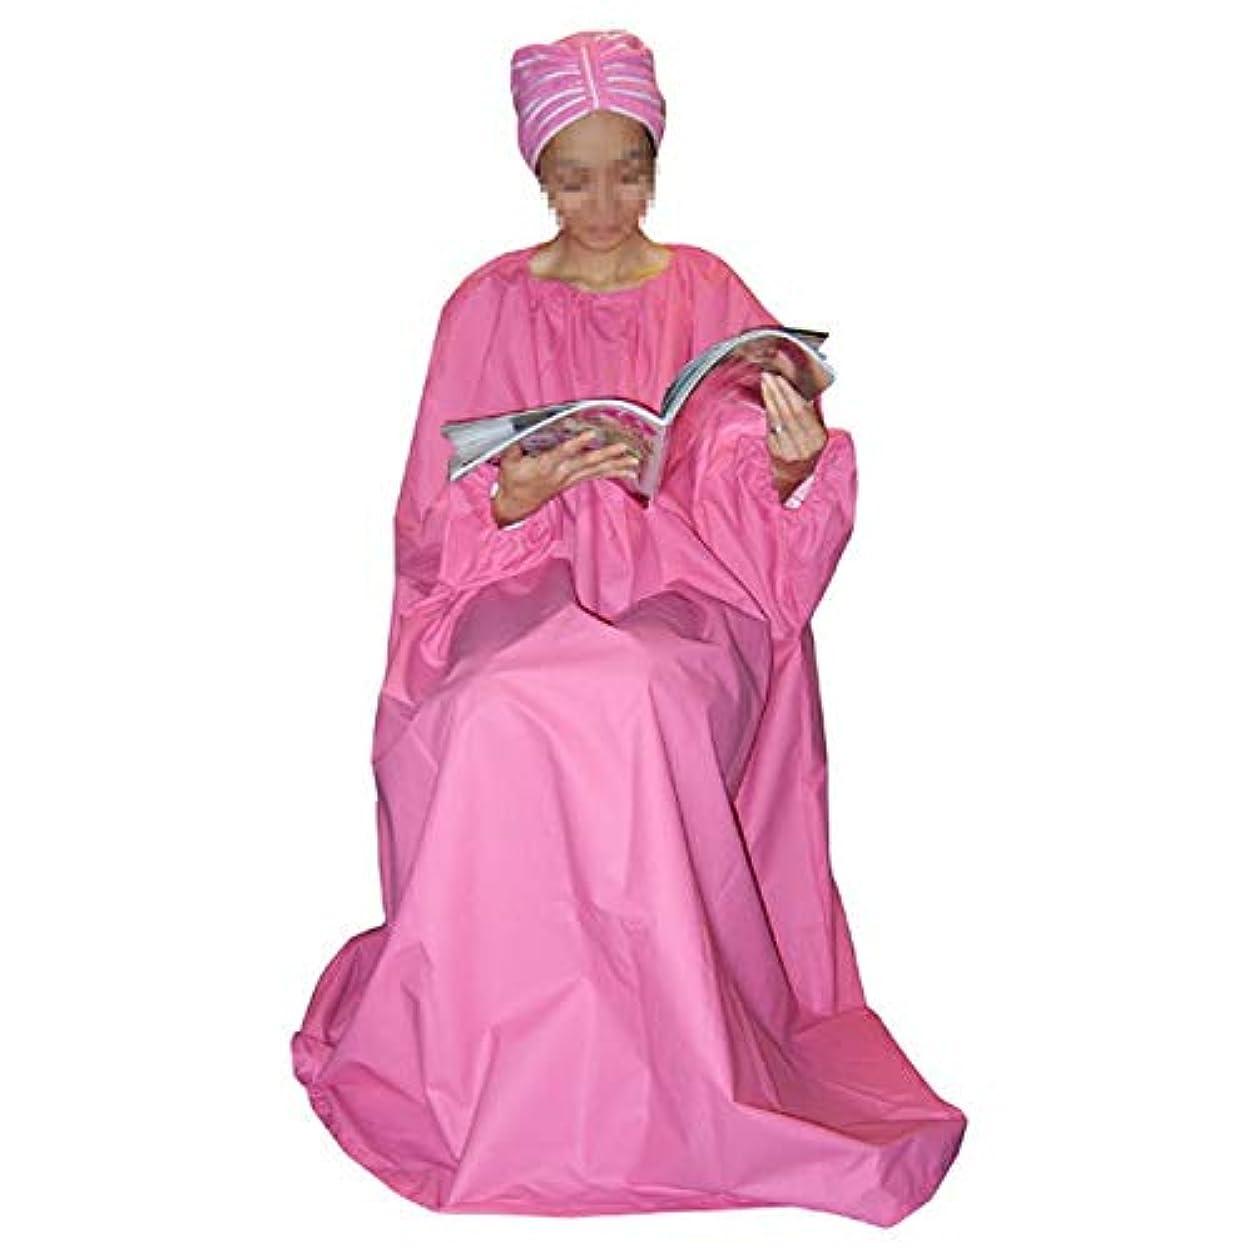 意識的女性忠実に韓国よもぎ蒸し用マント 袖付きガウン サロン仕様 透けない厚いタイプ 100%防水生地